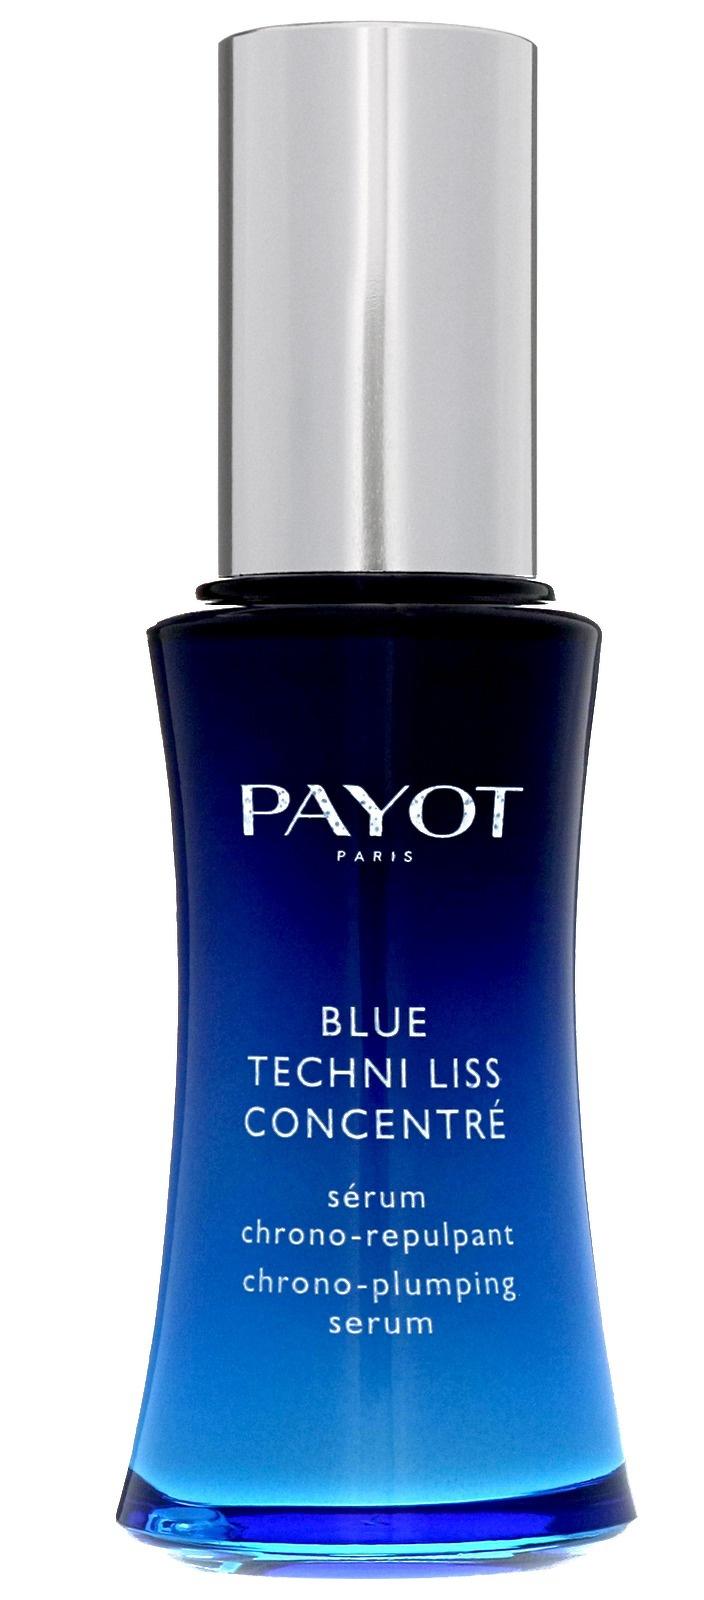 Payot paris Blue Techni Liss Concentré